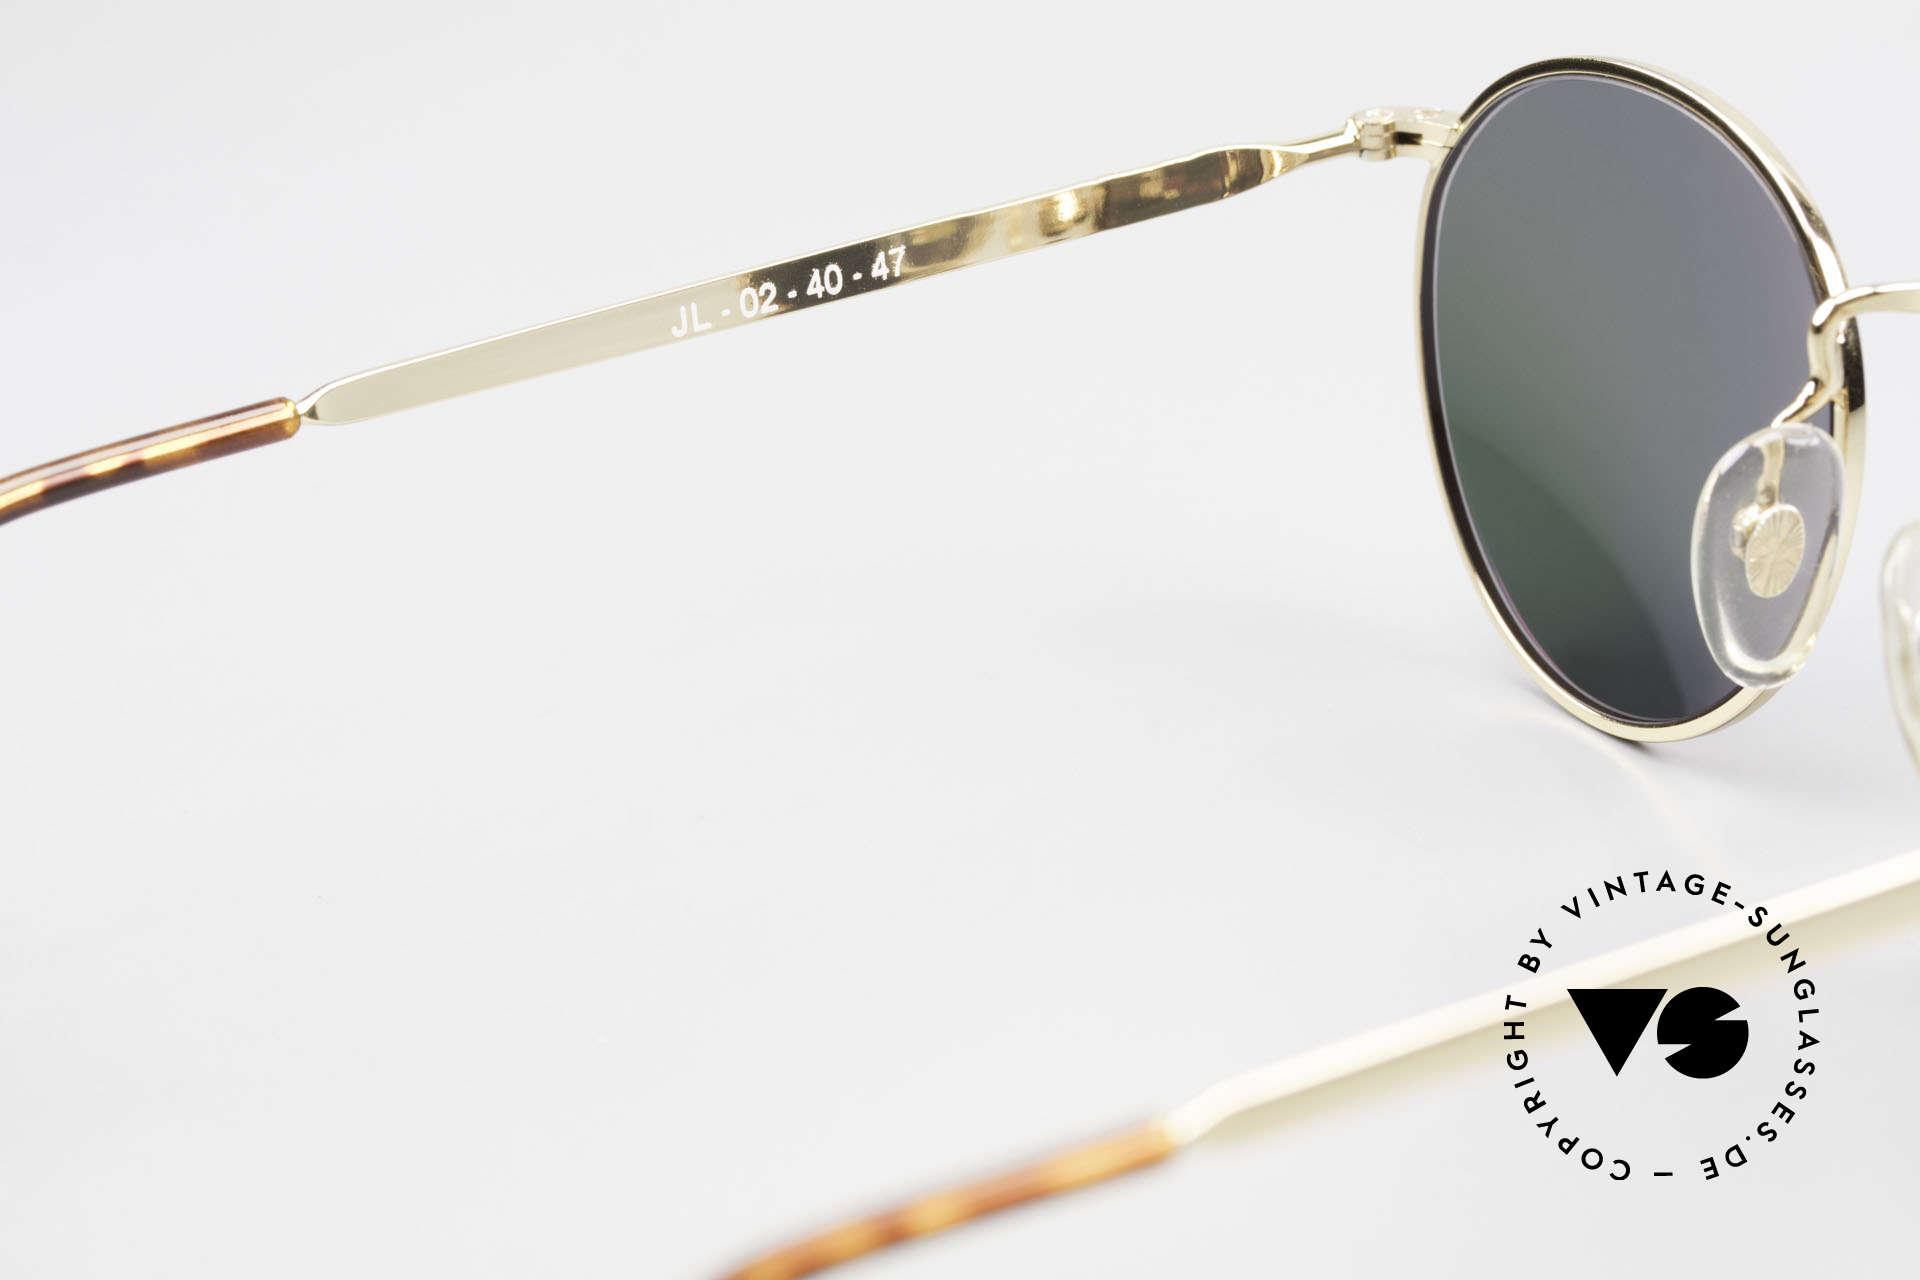 John Lennon - The Dreamer With Pink Mirrored Sun Lenses, never worn (like all our vintage John Lennon sunglasses), Made for Men and Women